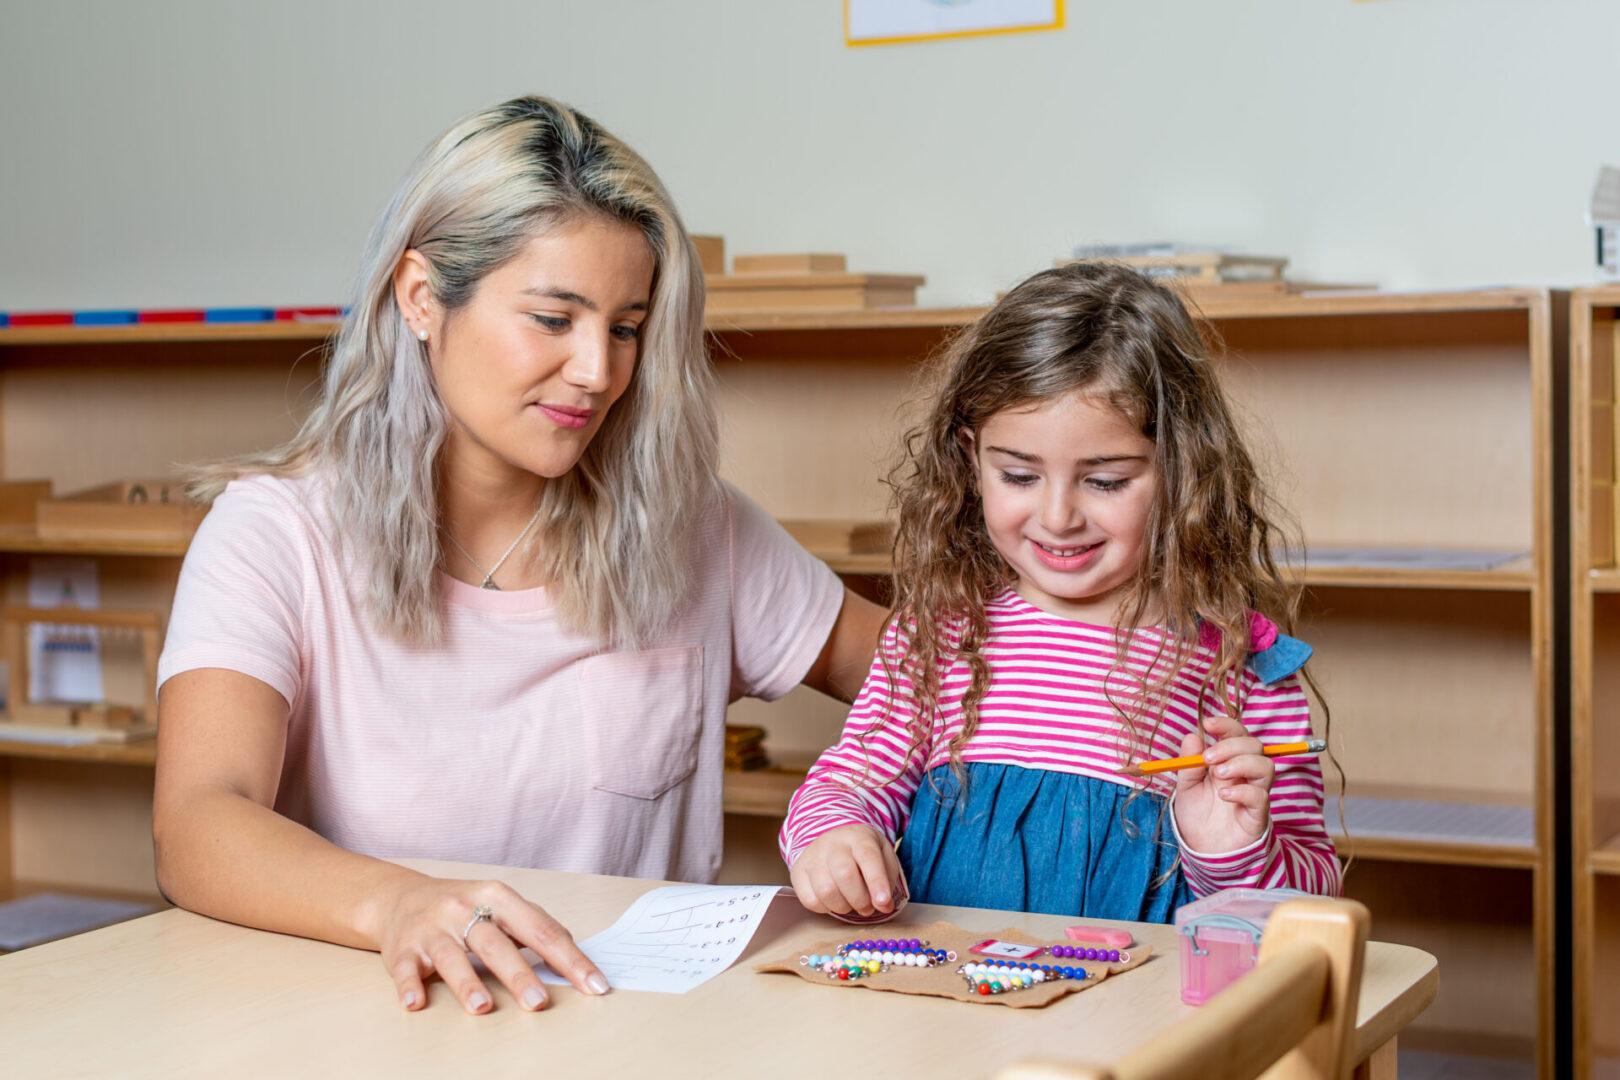 A teacher beside a little girl